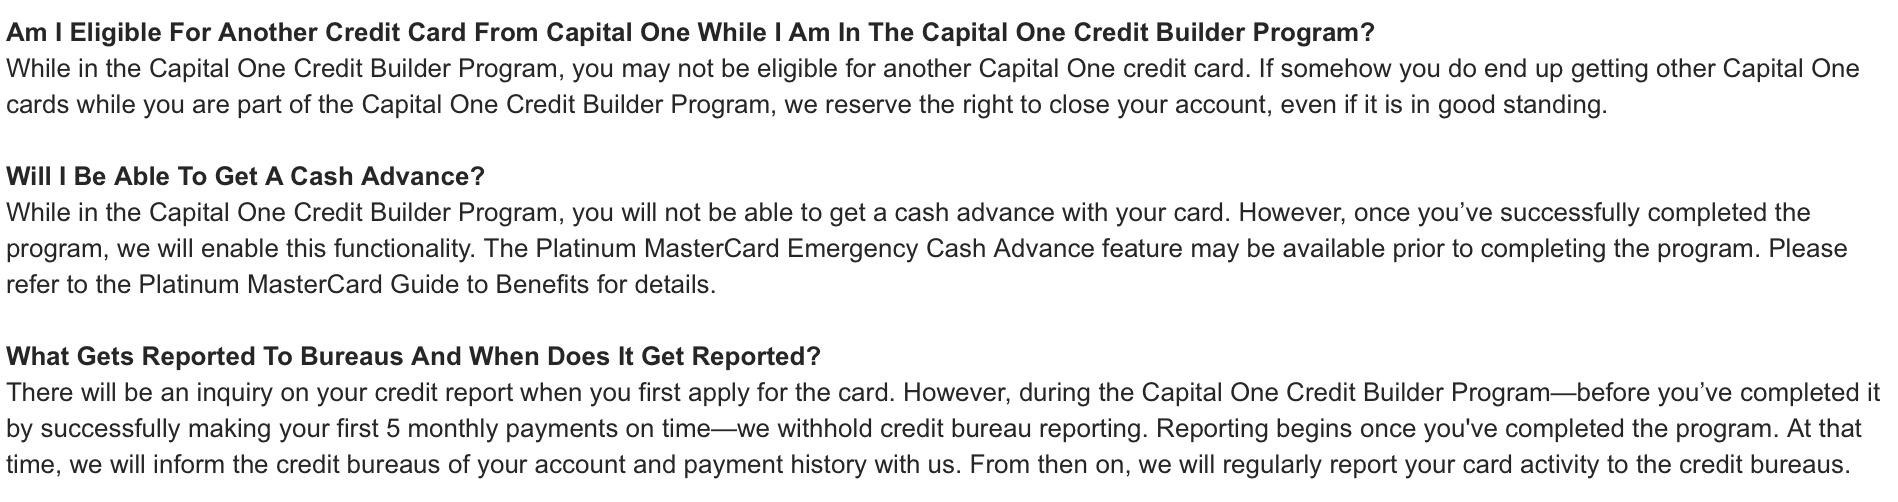 capital one builder program credit card myfico forums 4359136. Black Bedroom Furniture Sets. Home Design Ideas